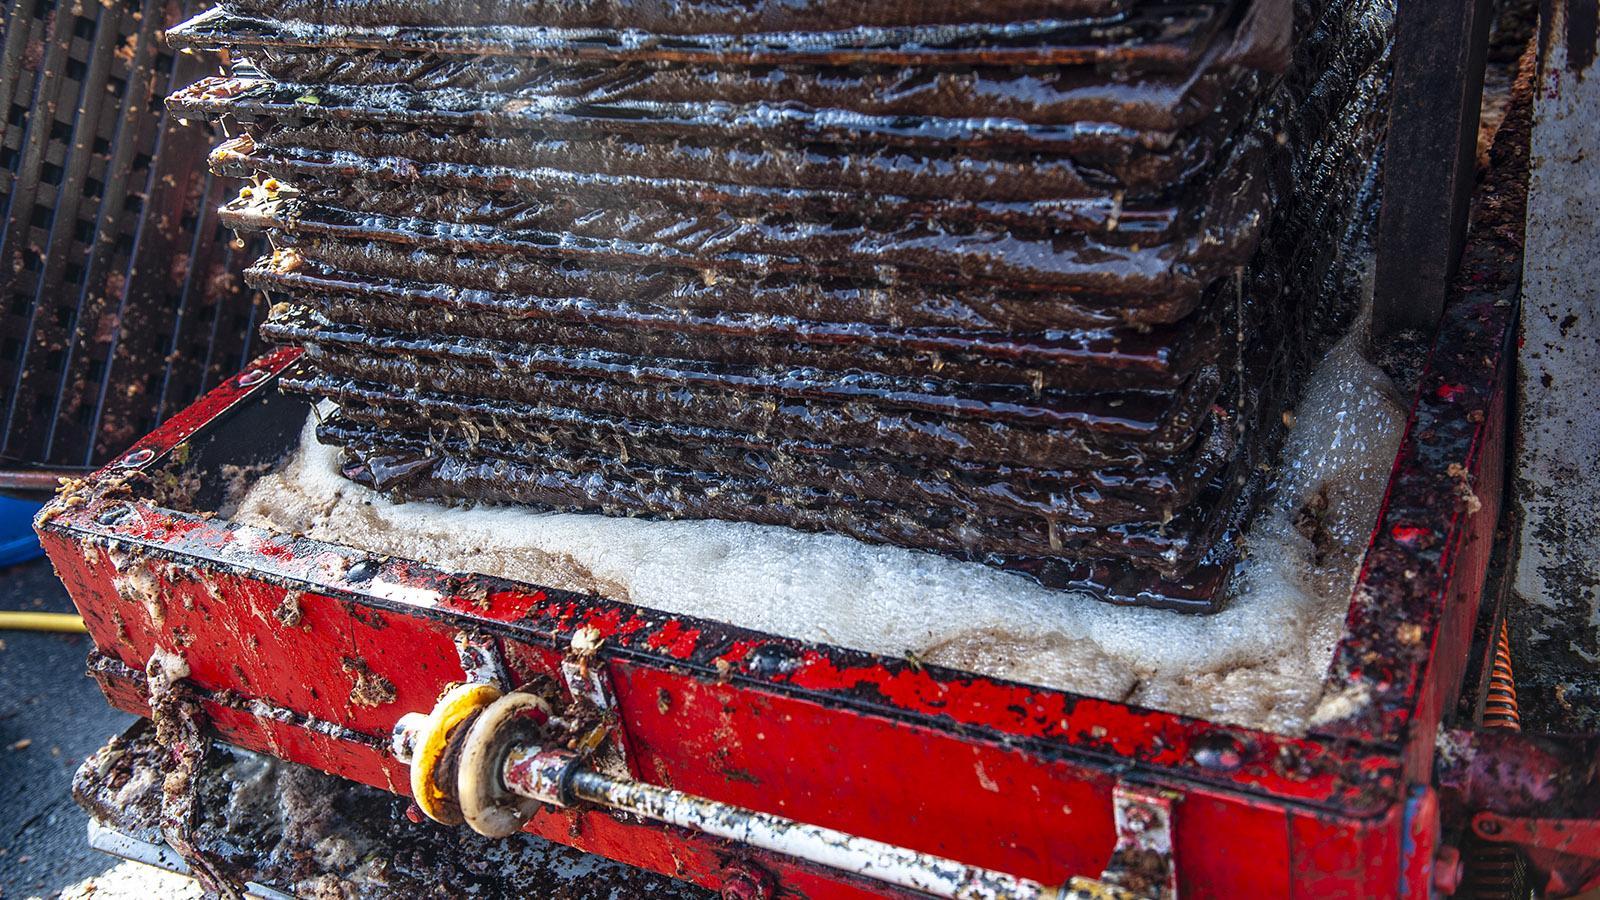 Mechanische Apfelpresse für die Cidre-Herstellung. Foto: Hilke Maunder